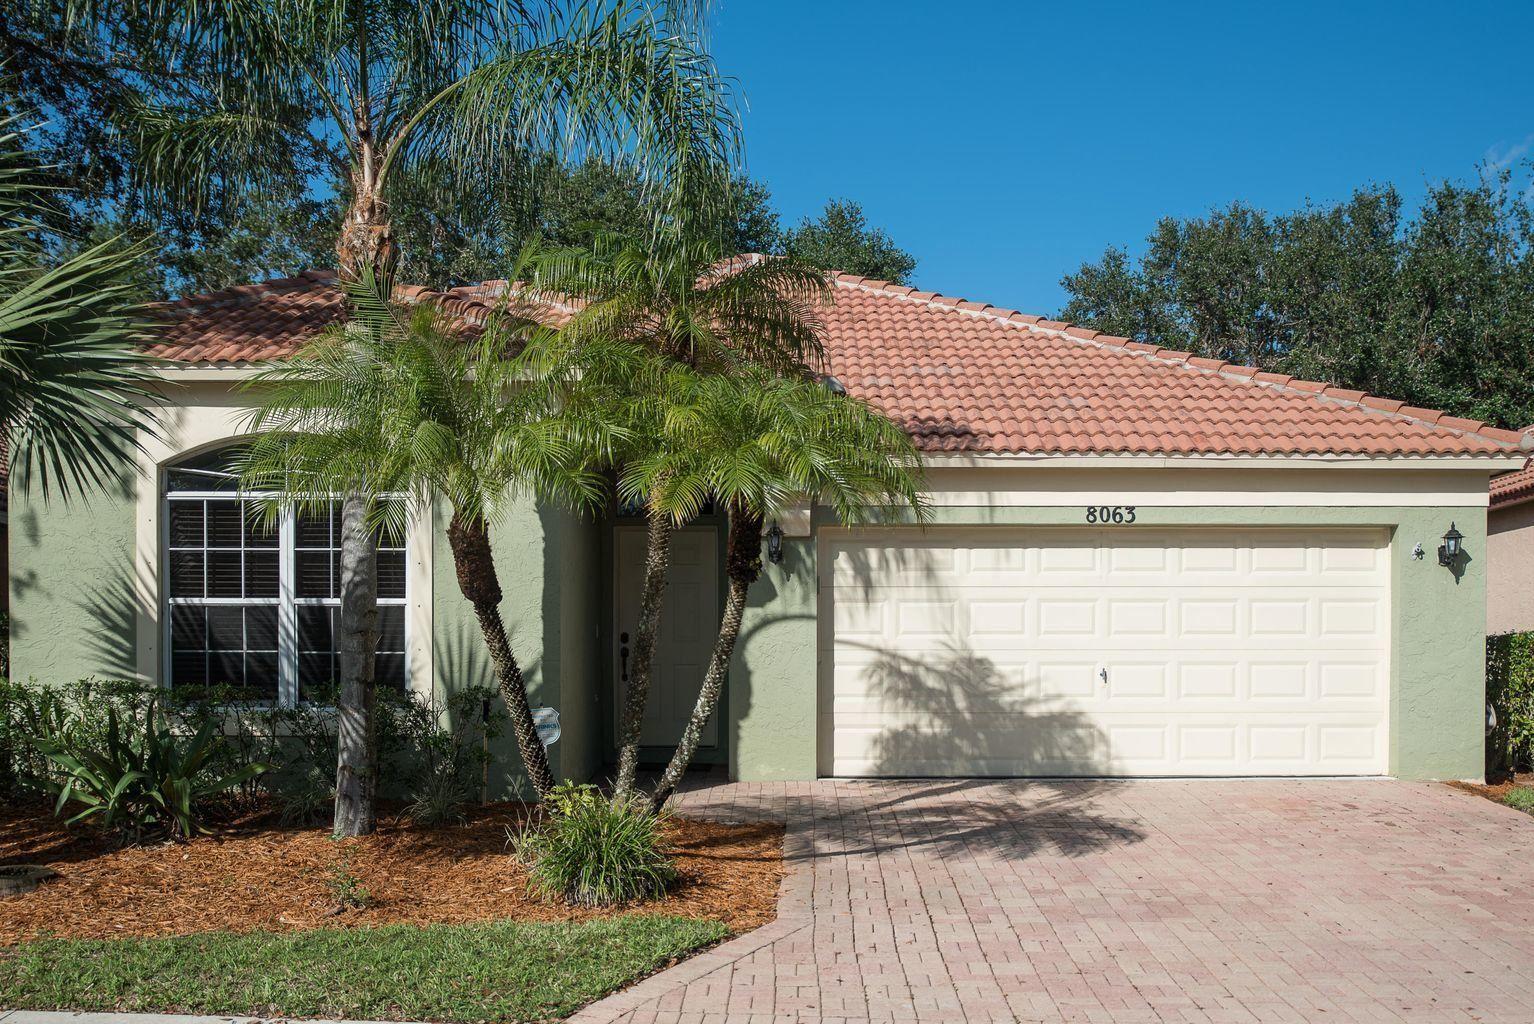 8063 Via Hacienda, Riviera Beach, FL 33418 - MLS#: RX-10730908